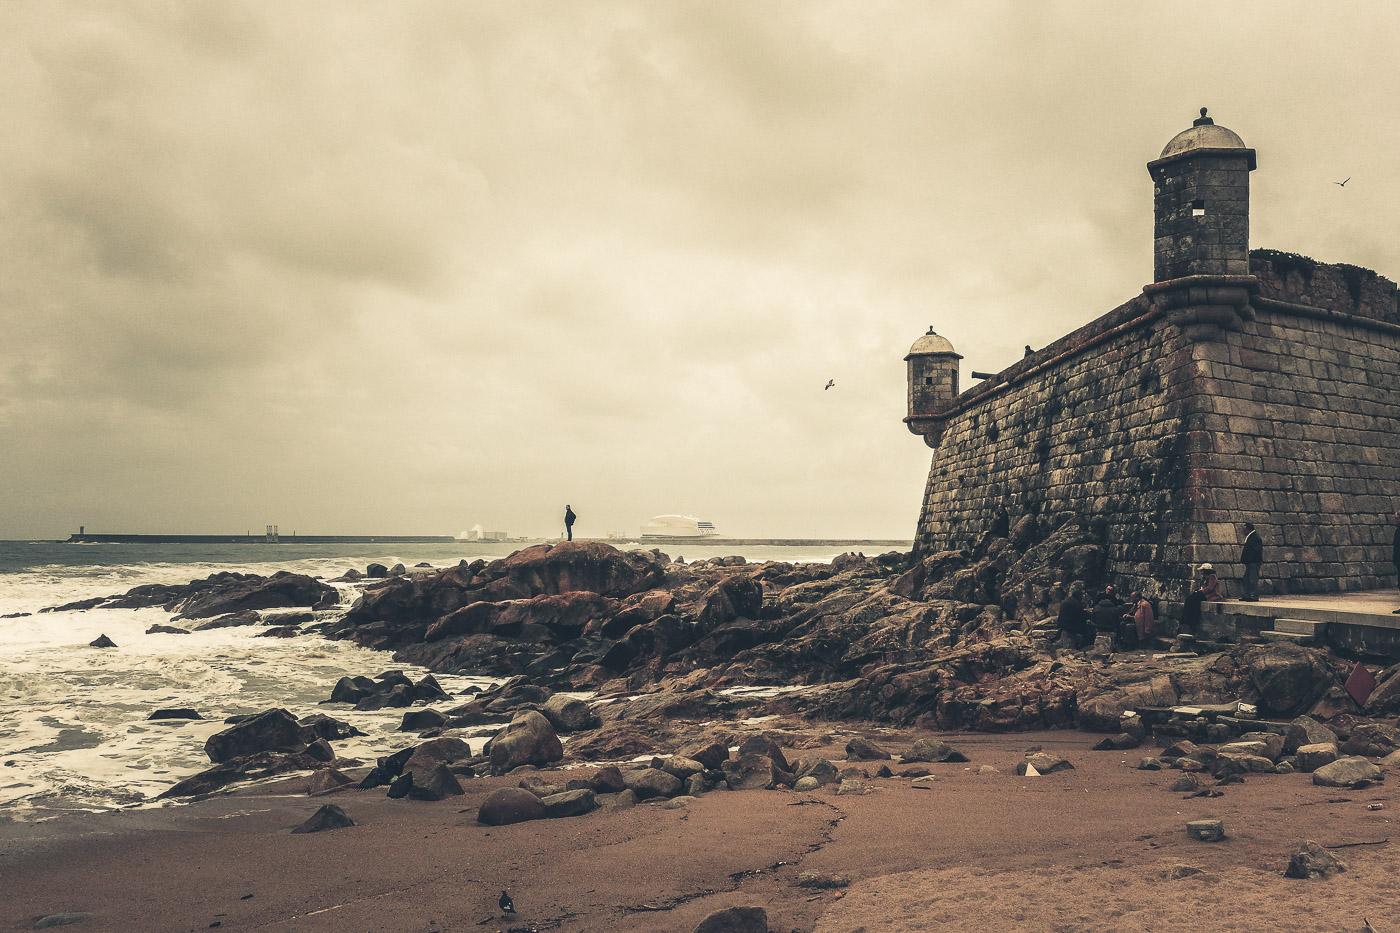 hb images - Porto - ocean walk - 2